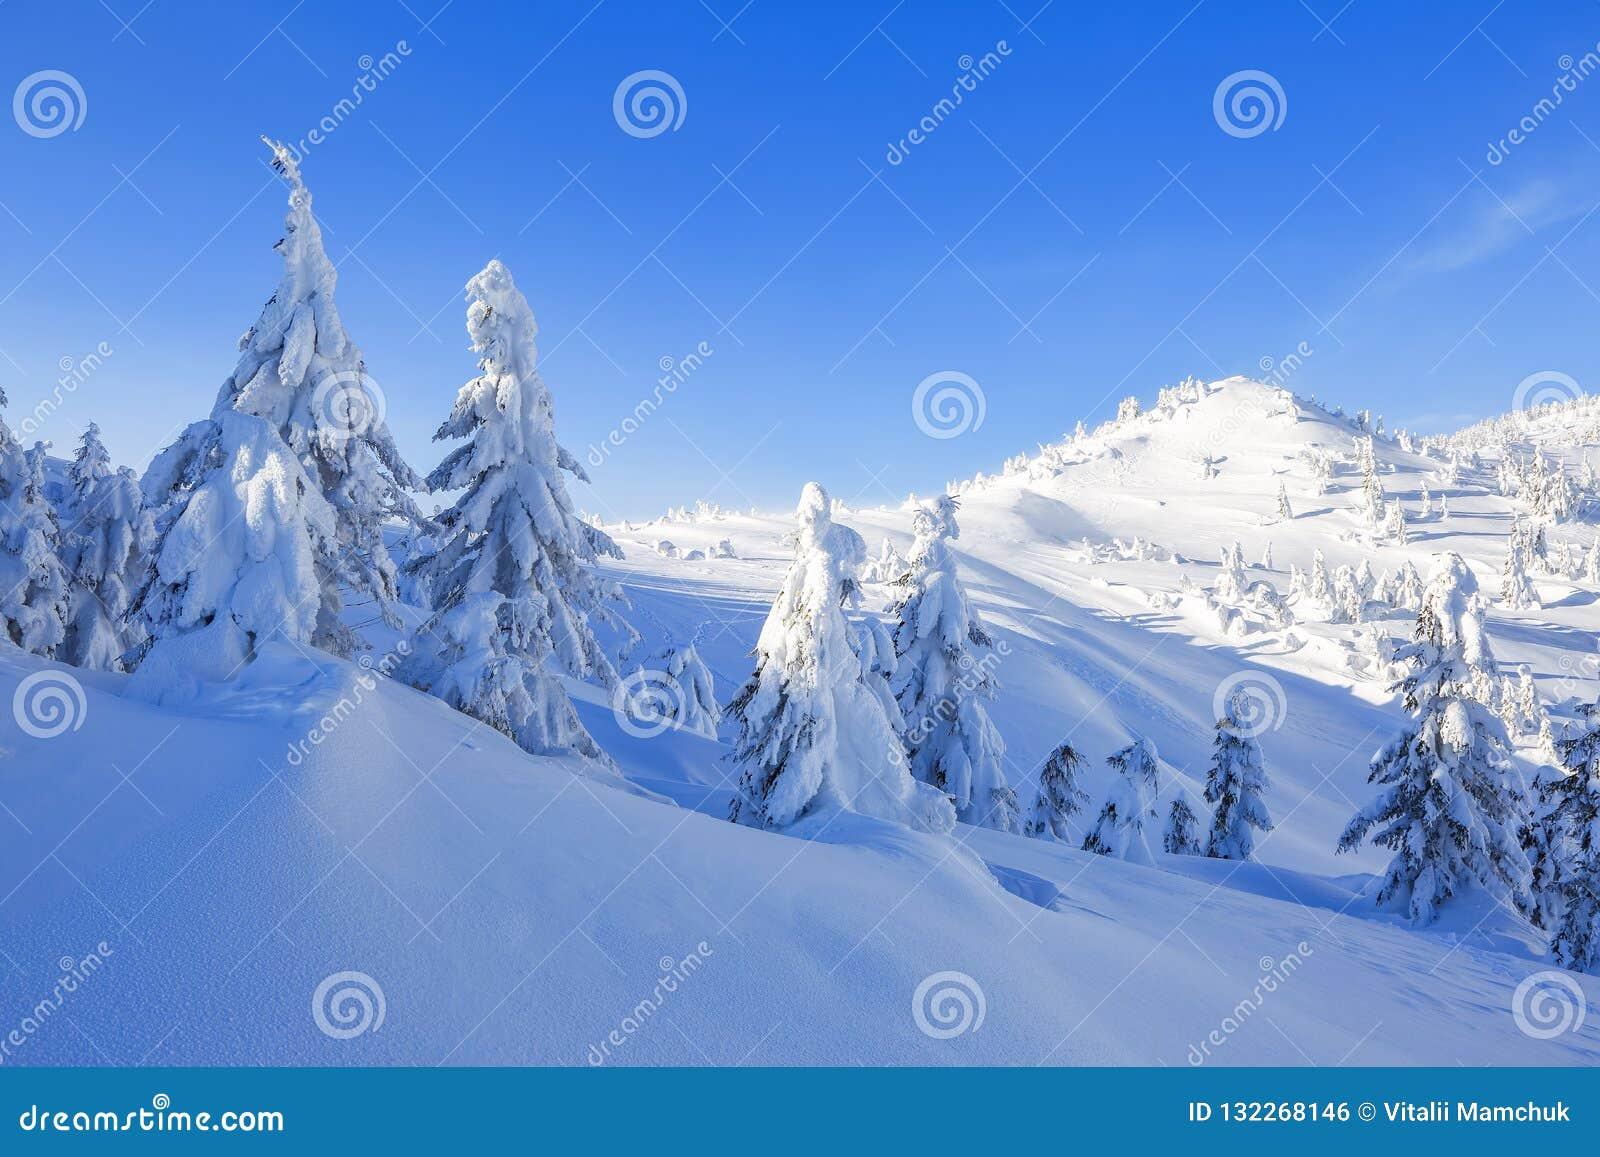 Sonniger Tag des kalten Winters Mysteriös, geheim, fantastisch, Welt von Bergen Auf dem Rasen bedeckt mit Schnee die netten Bäume